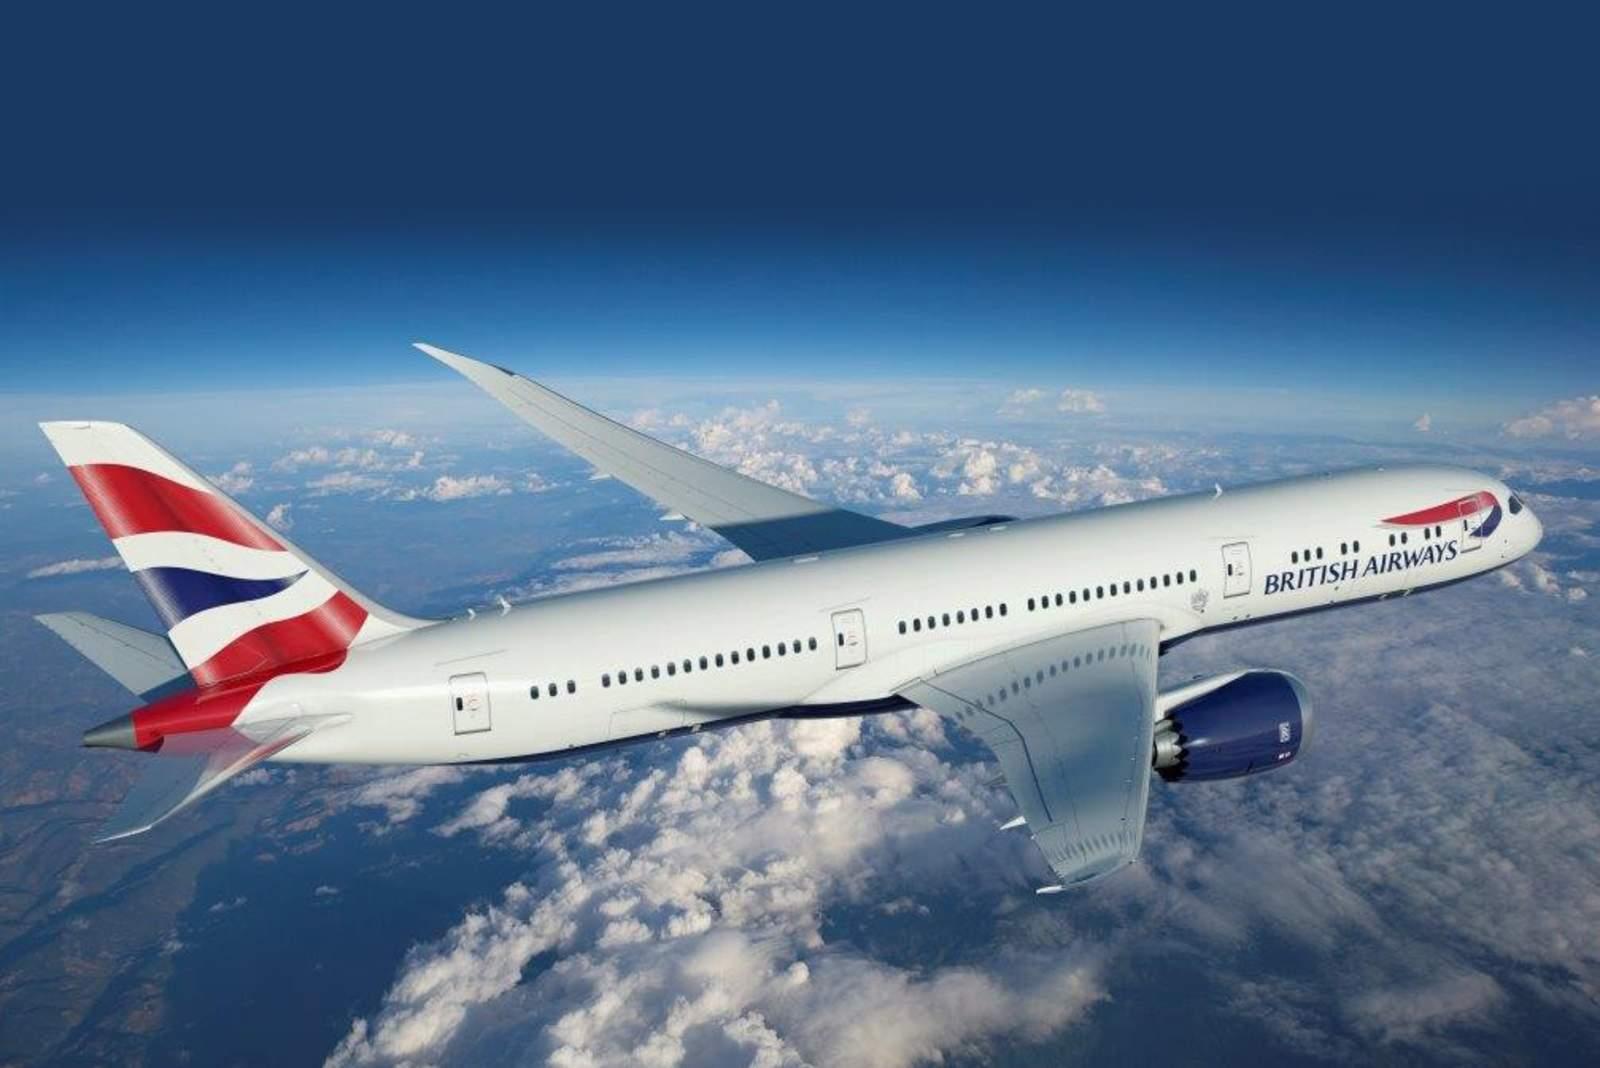 Aussenansicht der British Airways B-787